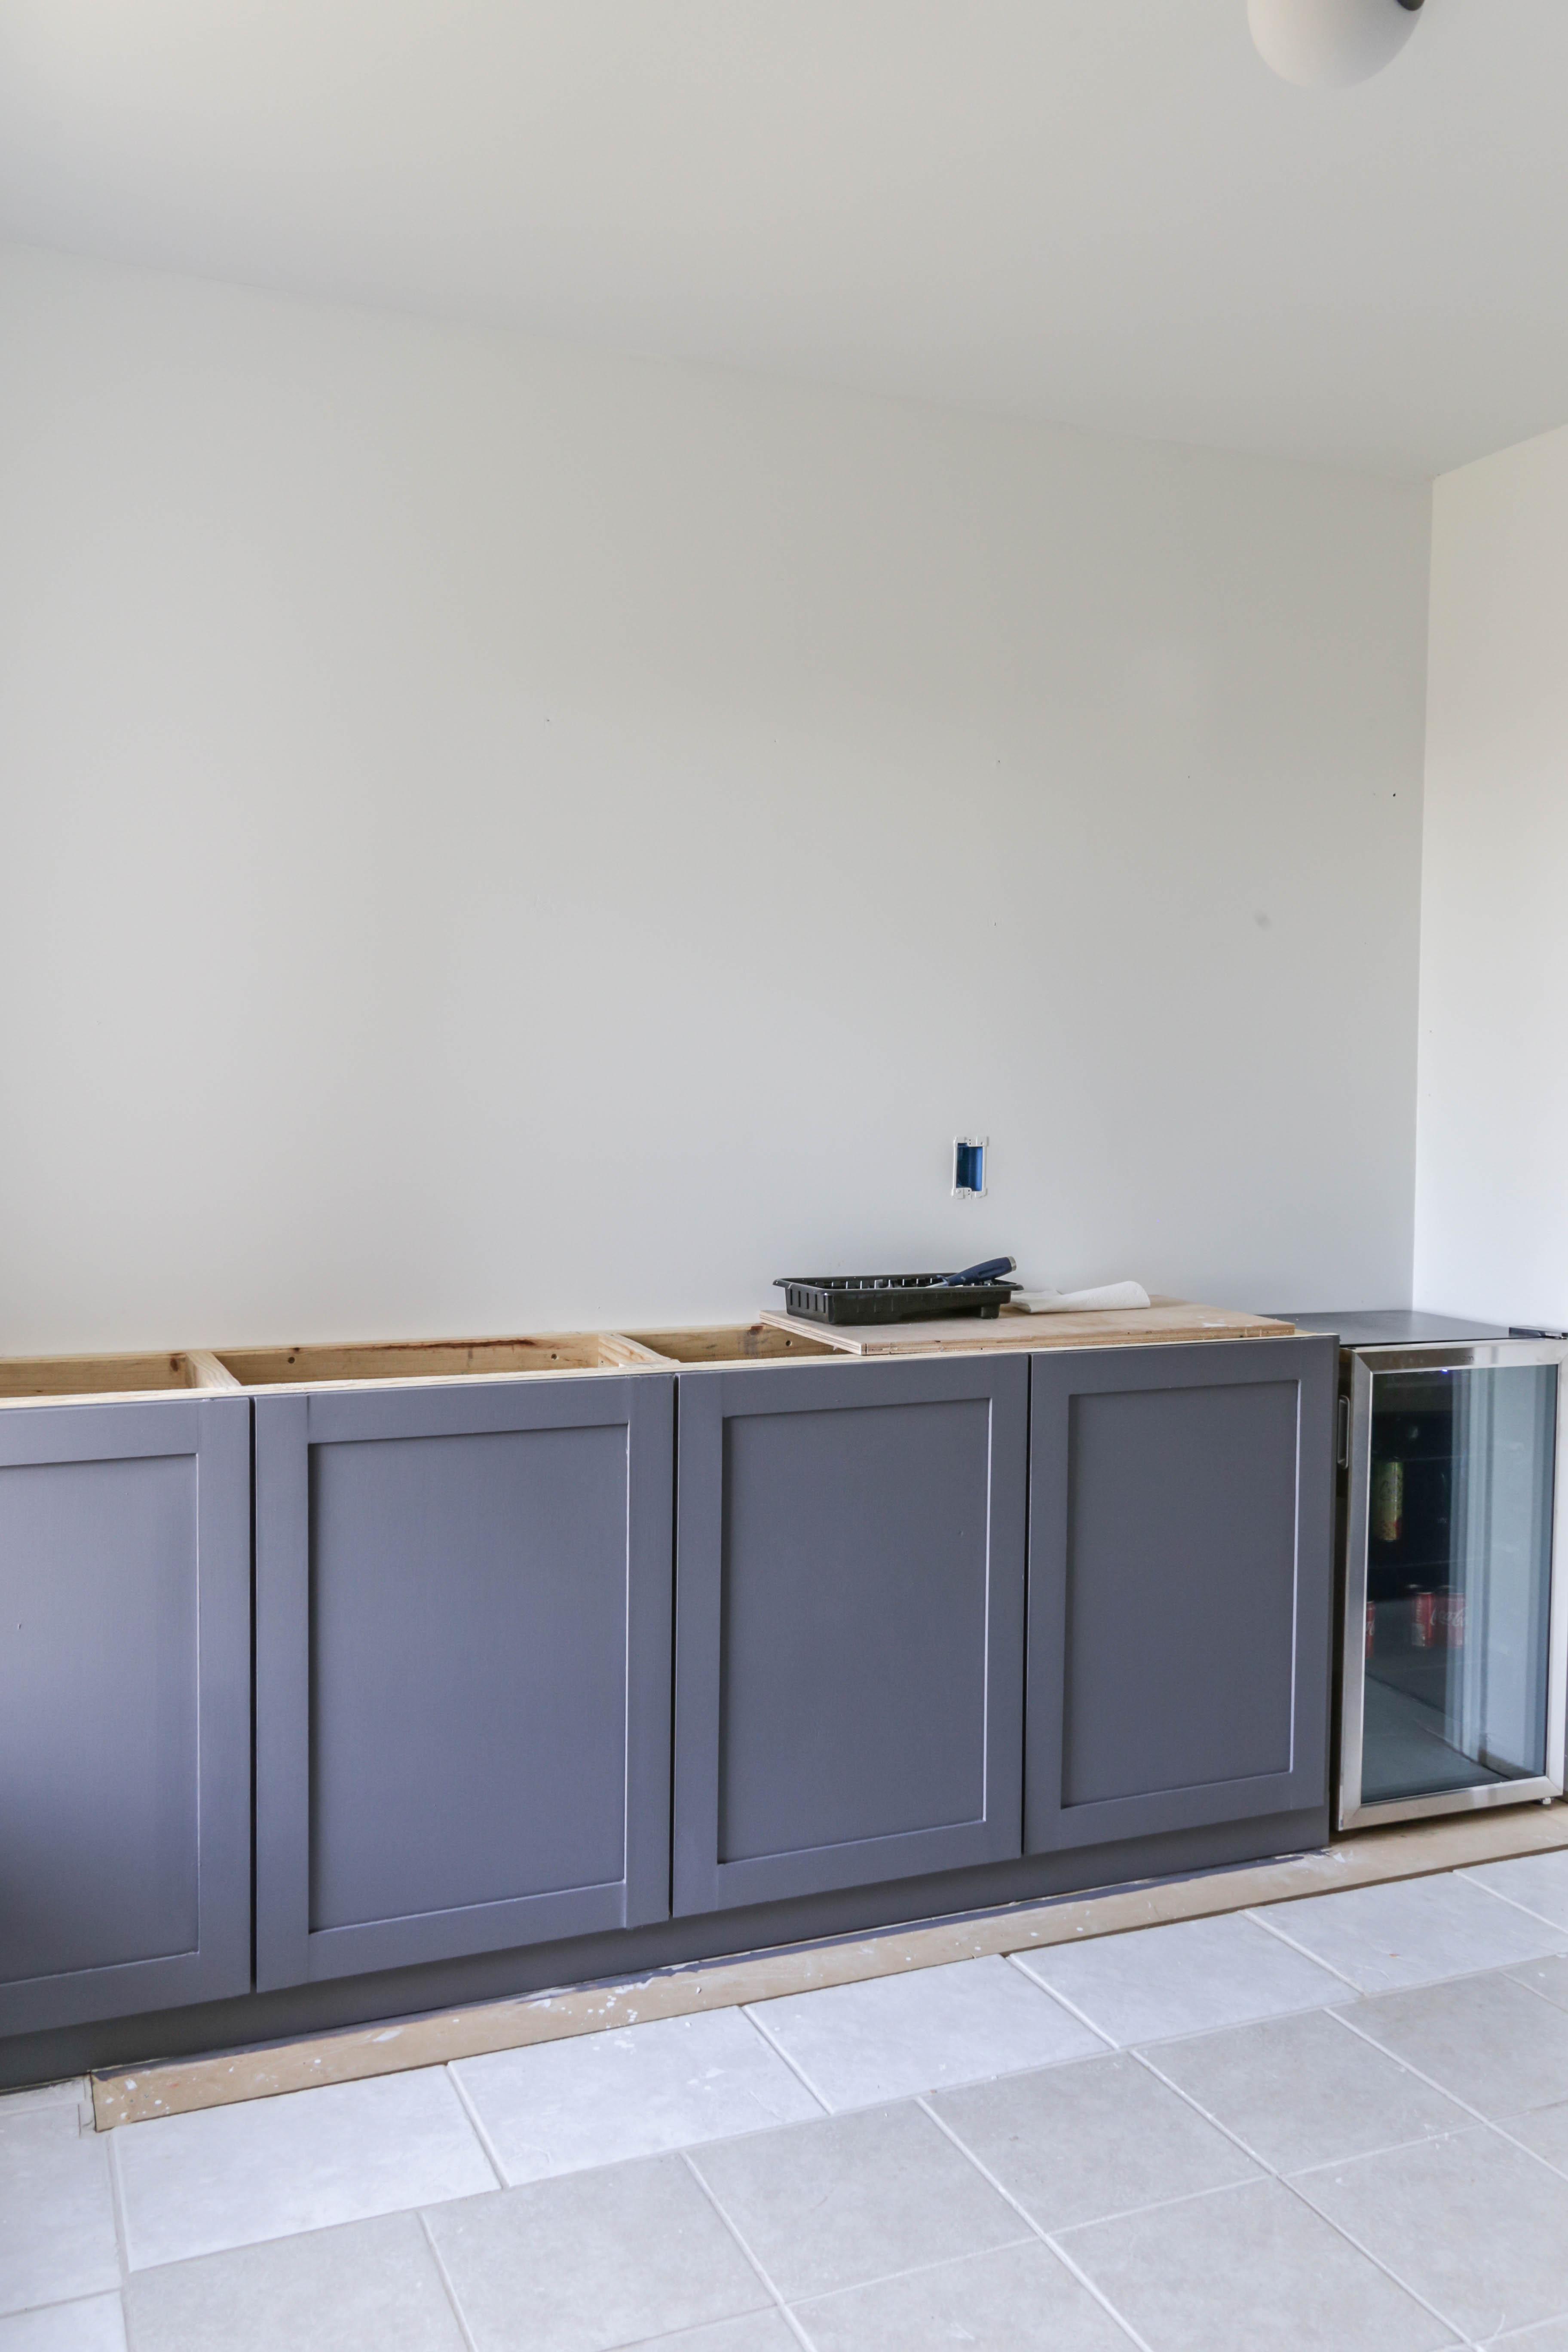 Diy Kitchen Cabinets For Under 200 A Beginner S Tutorial